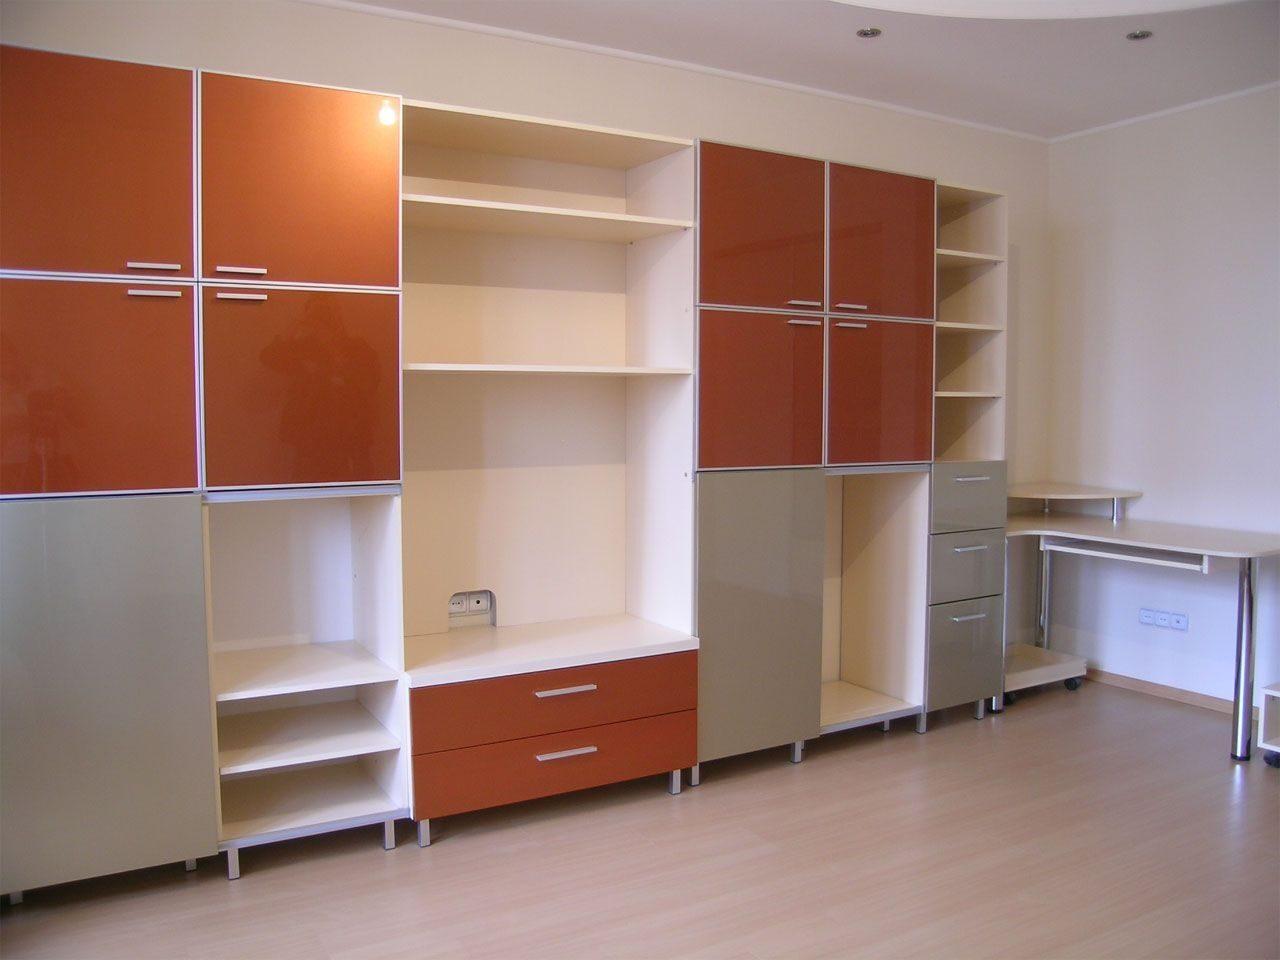 Изготовление мебели на заказ екатеринбург.